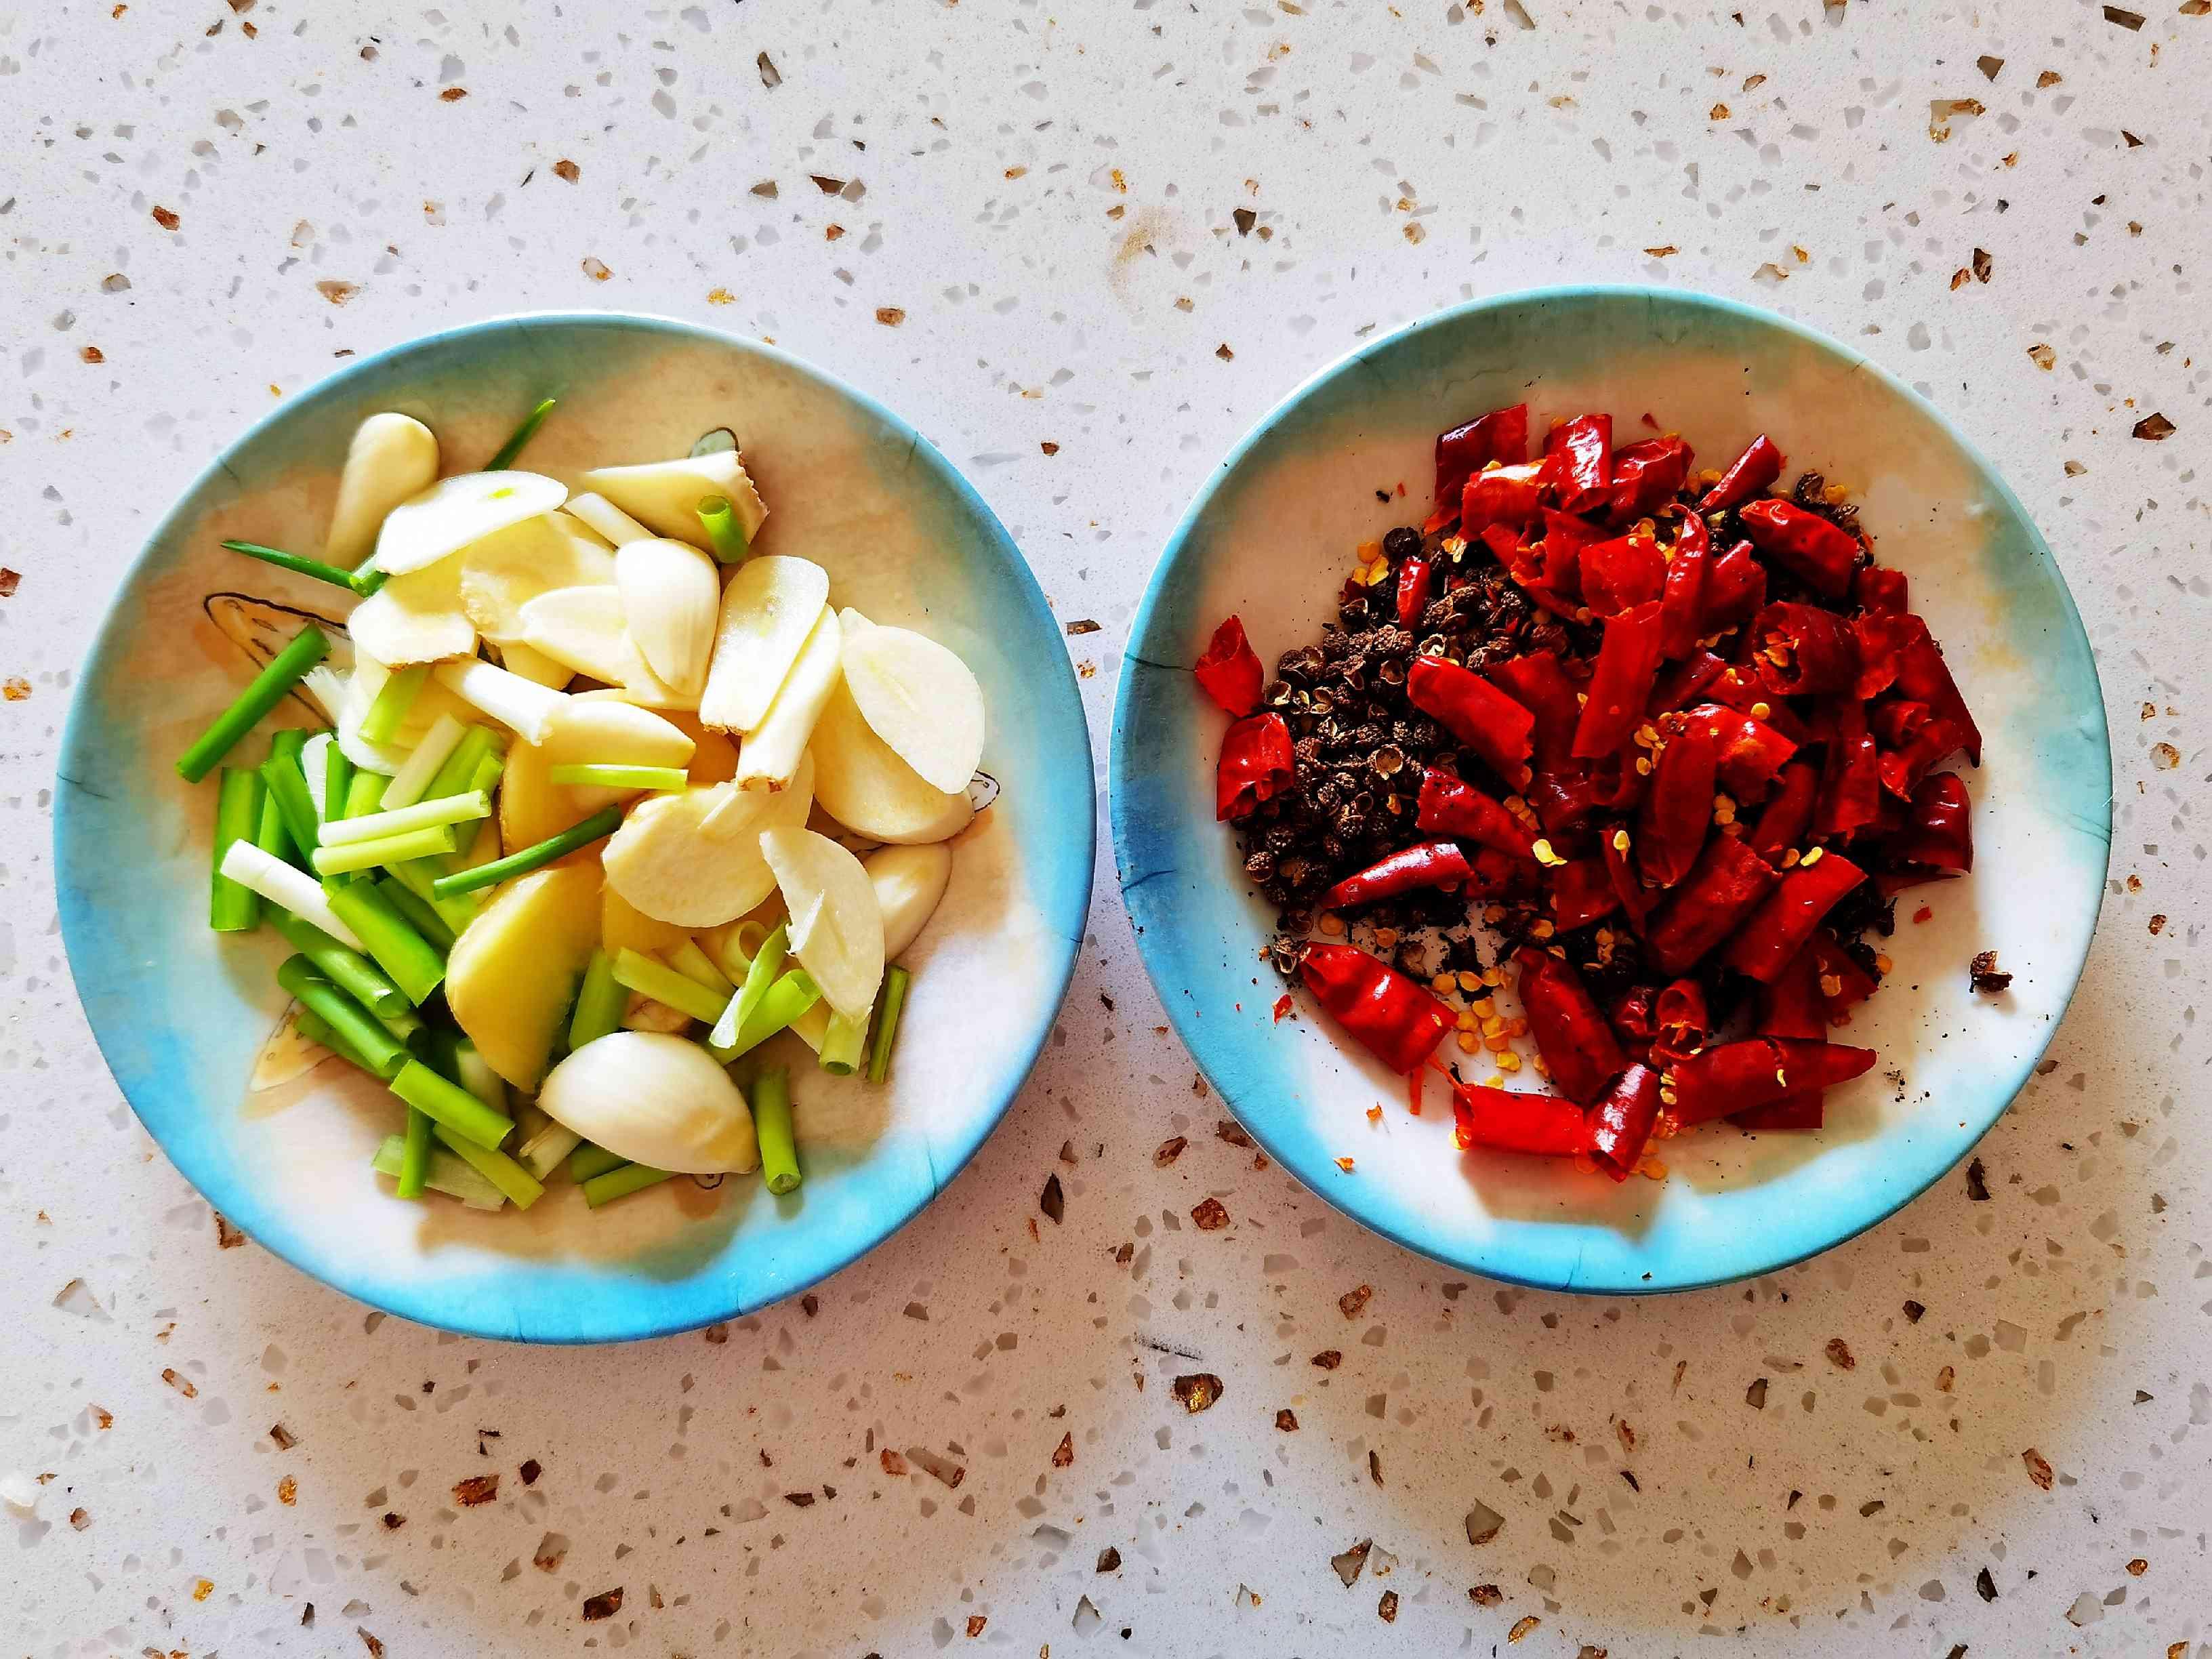 3斤虾尾炒1大盘,麻辣鲜香下酒又下饭的家常做法